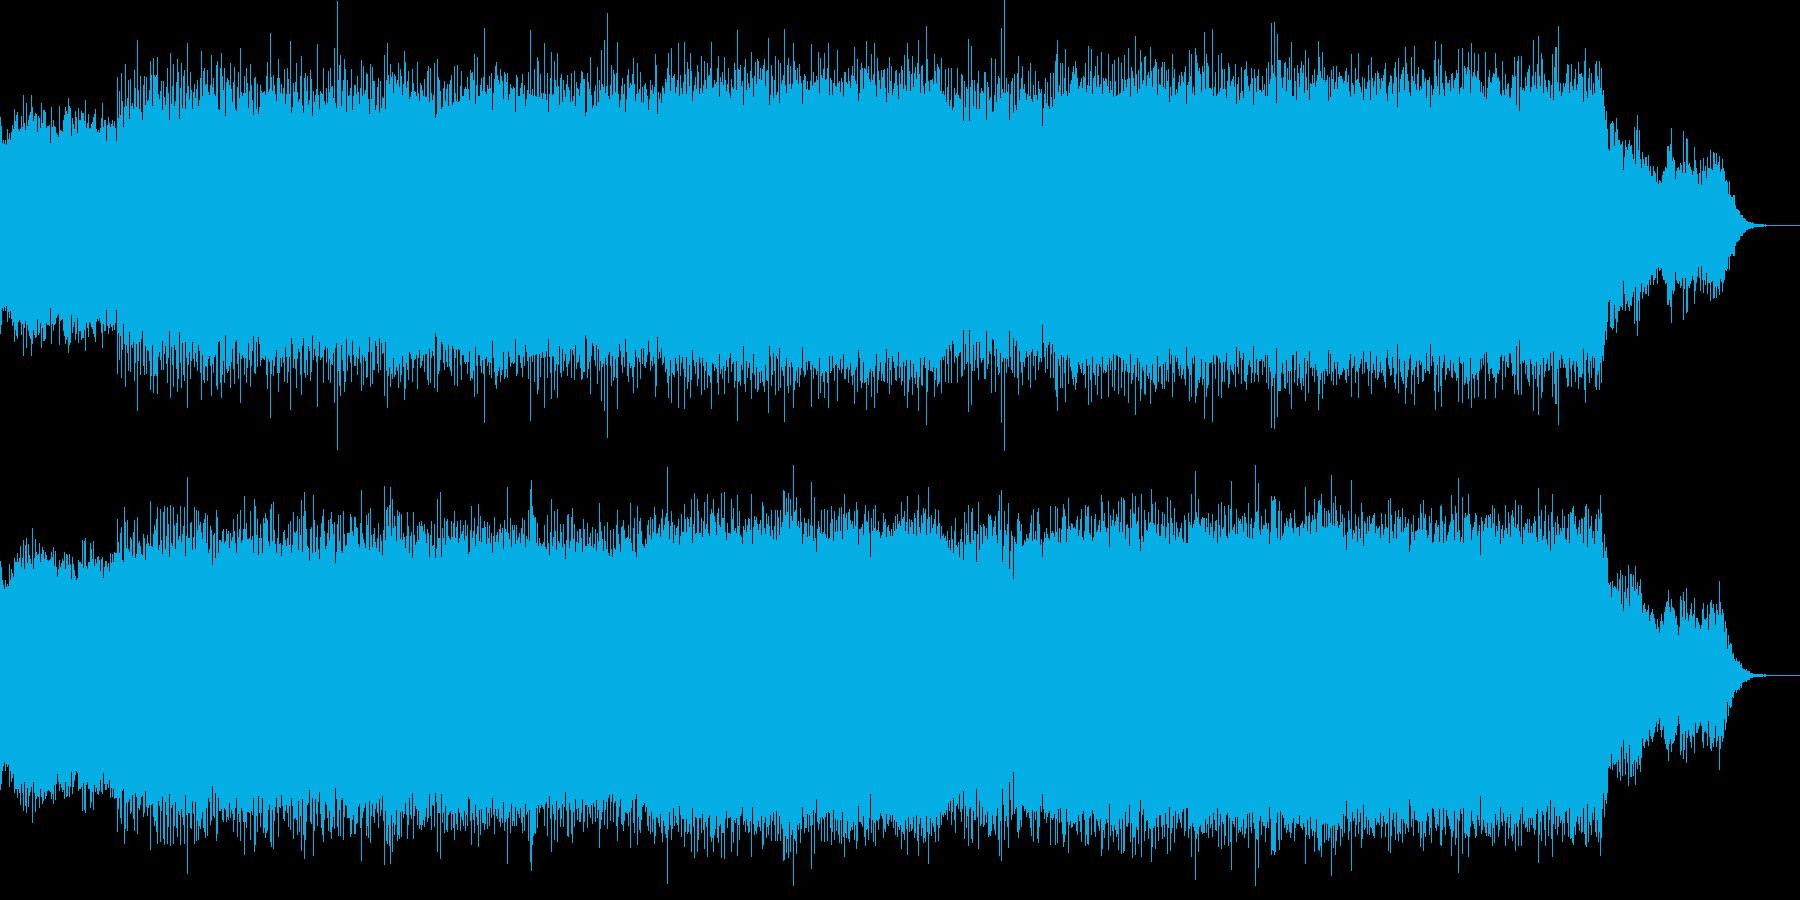 爽やかなギターディレイインストの再生済みの波形